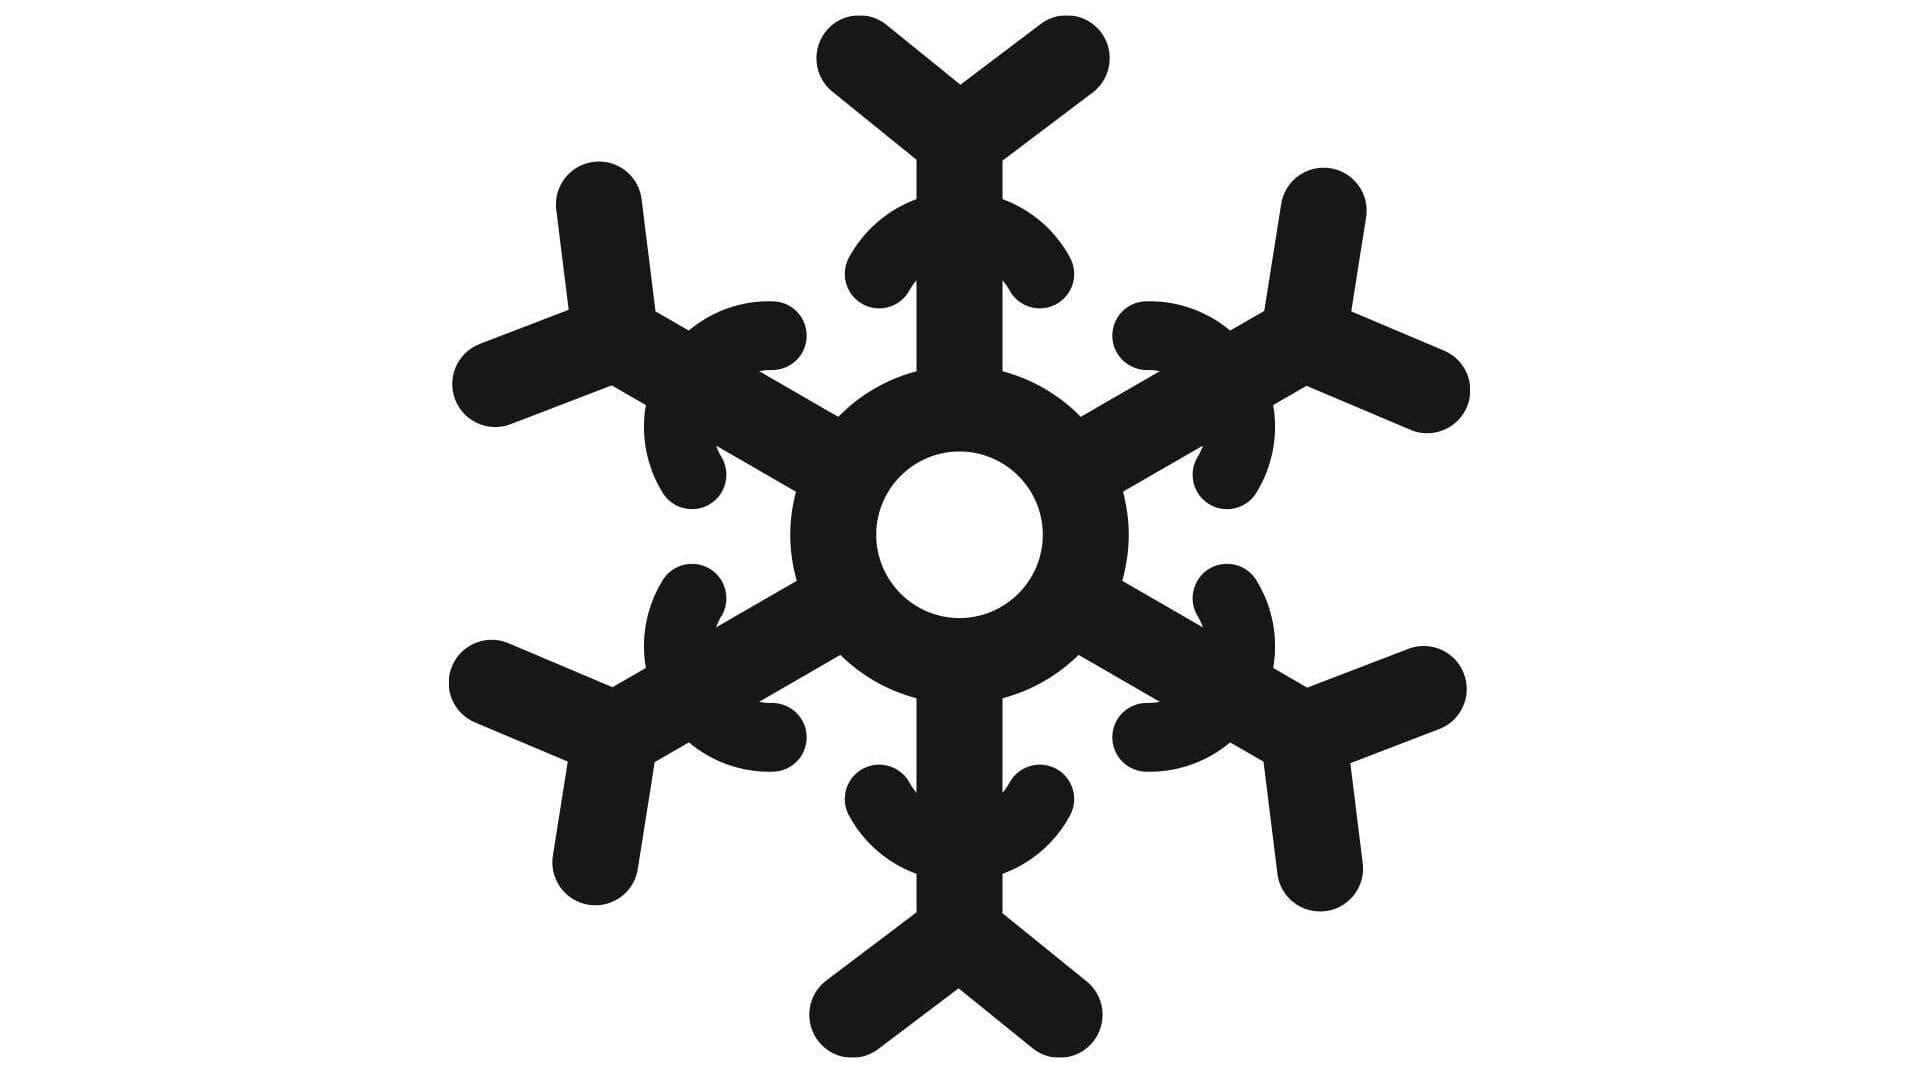 Tiefkühl-Zeichen